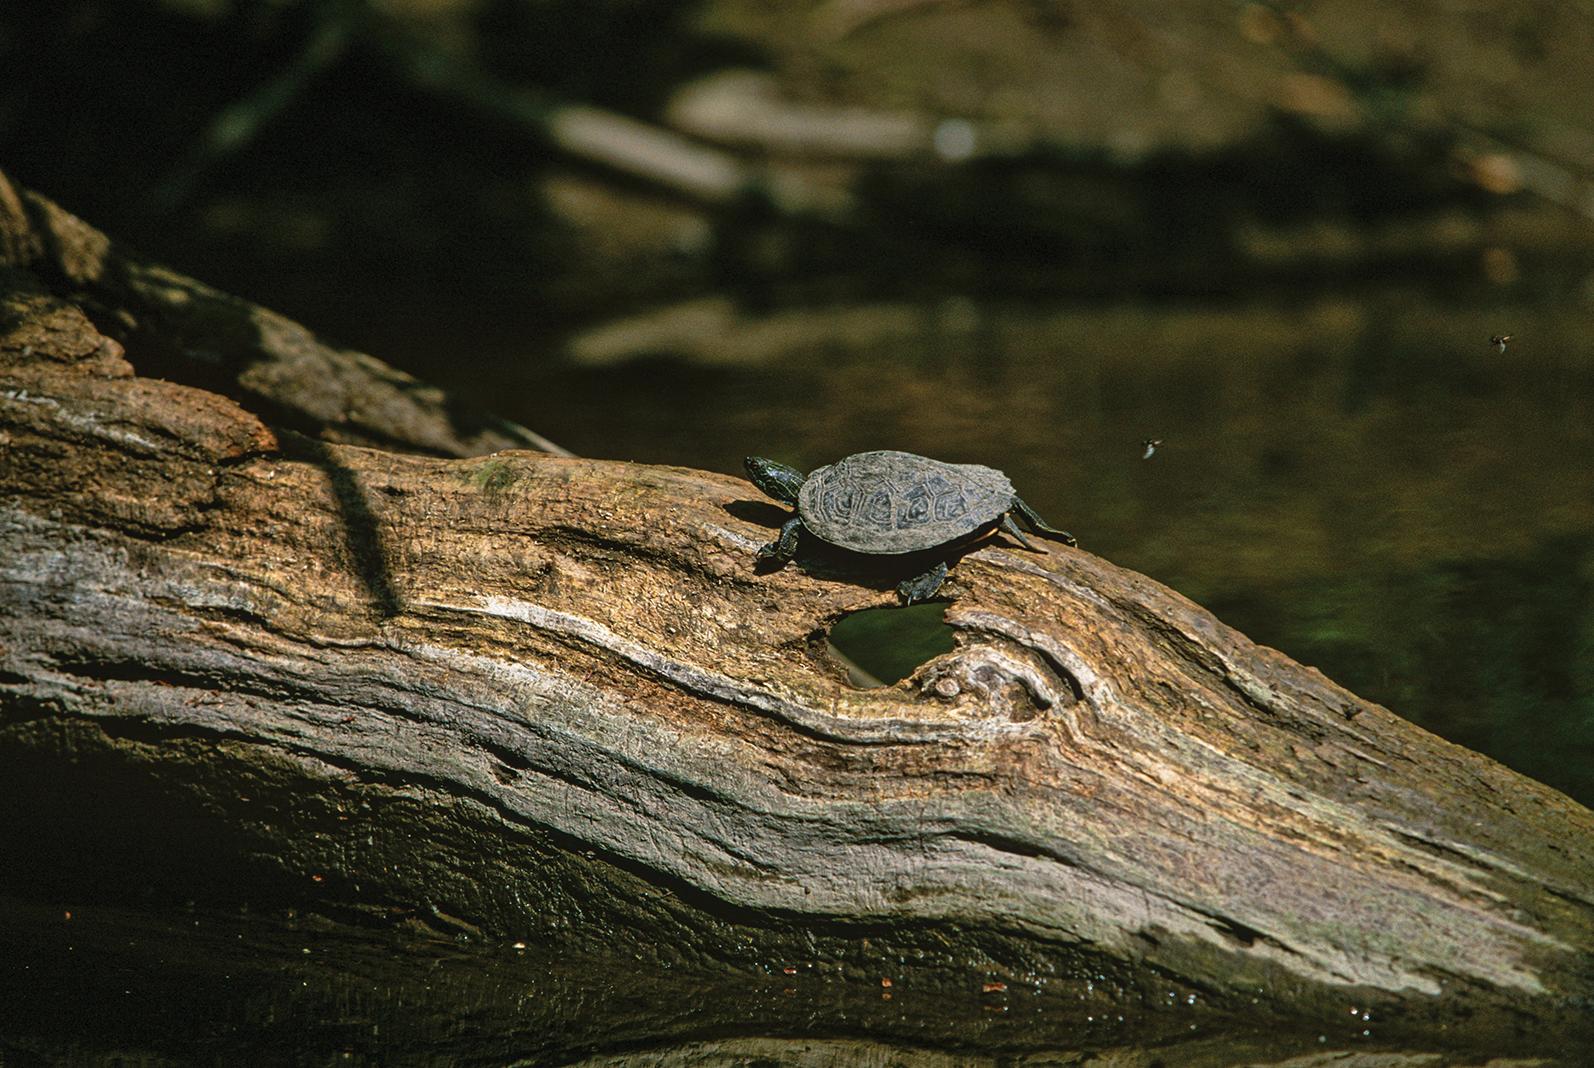 Turtle at Cannon River Turtle Preserve